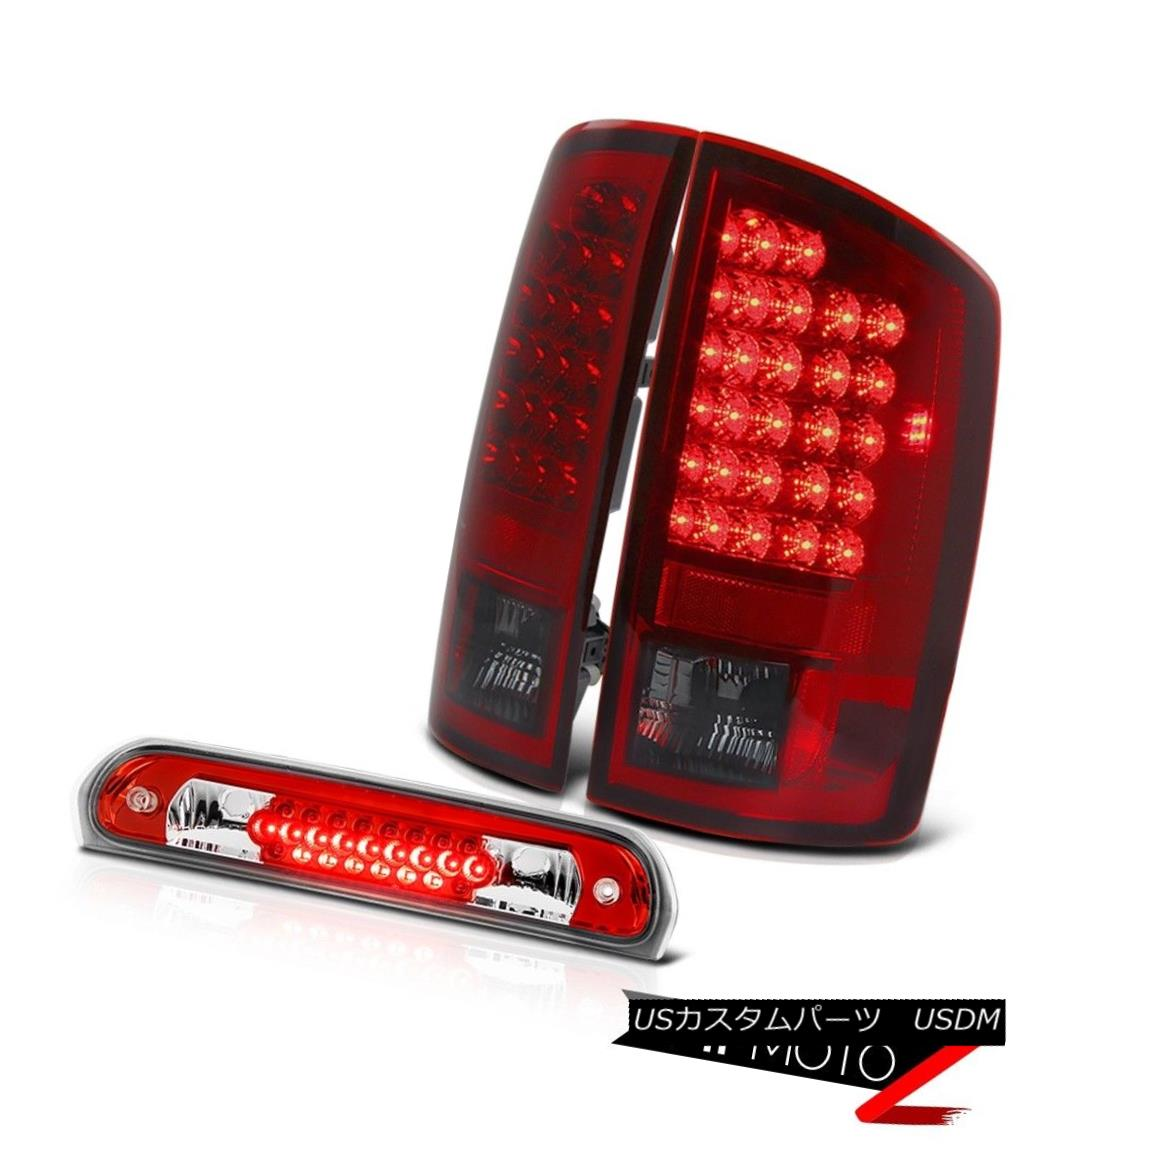 テールライト Bumper Wine Red LED Rear Tail Lights High 3rd Brake Cargo 2002-05 Ram Magnum V8 バンパーワインレッドLEDリアテールライトハイ3ブレーキカーゴ2002-05ラムマグナムV8